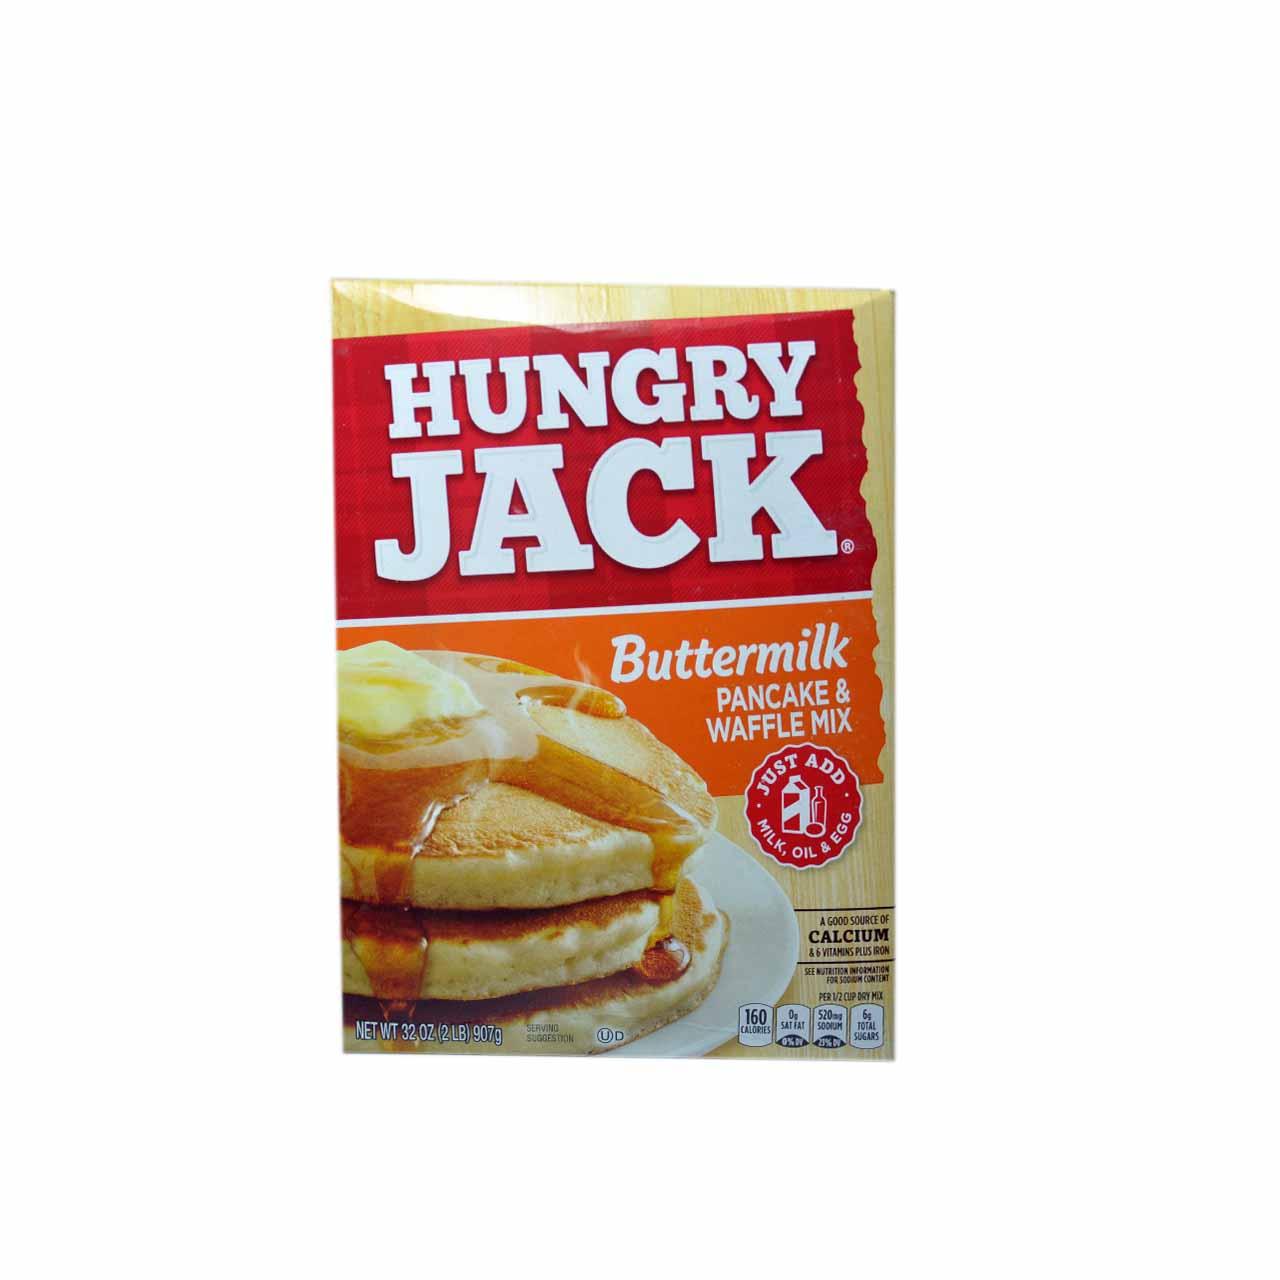 پودر پنکیک شیر و کره هانگری جک – Hungry jack